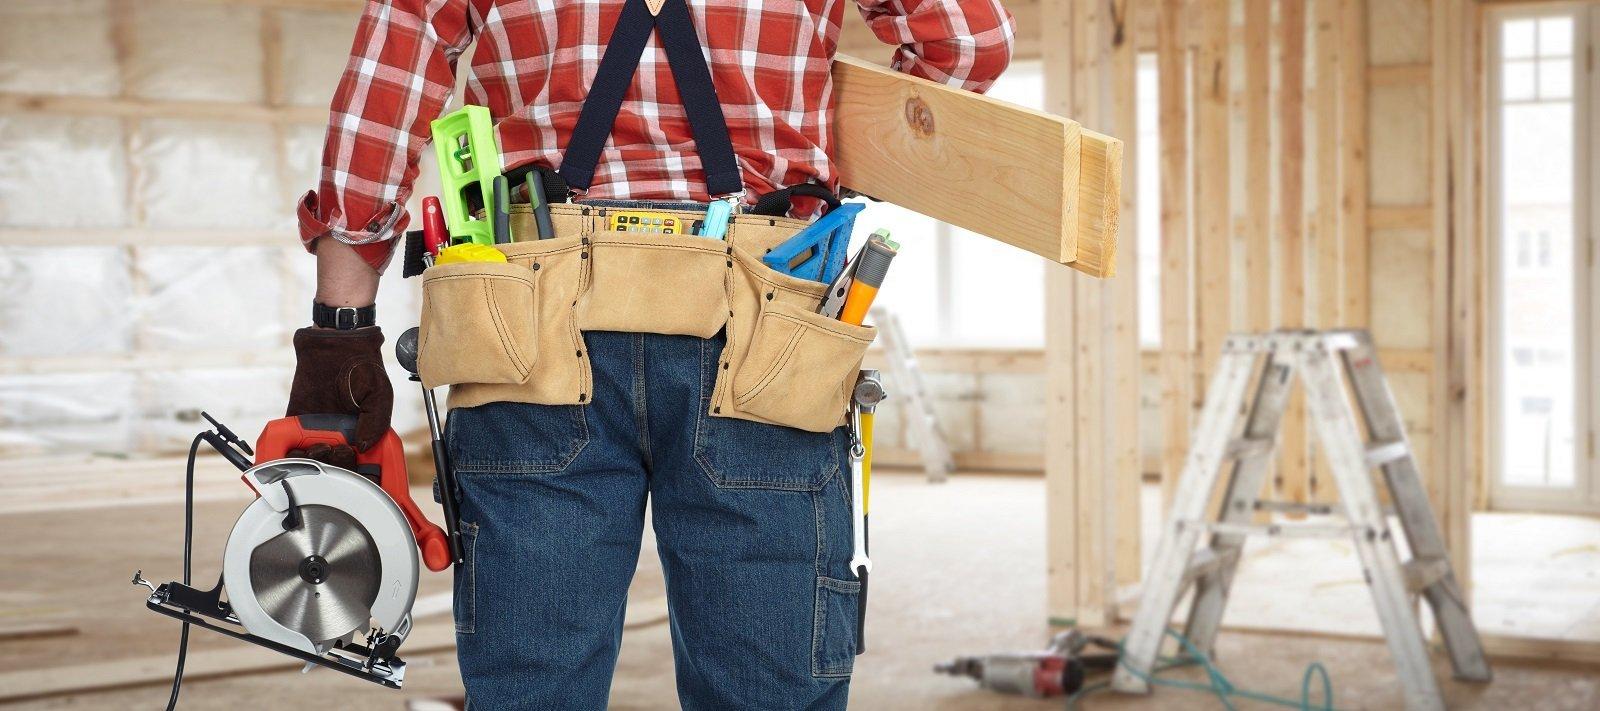 Articoli da ferramenta per l'edilizia